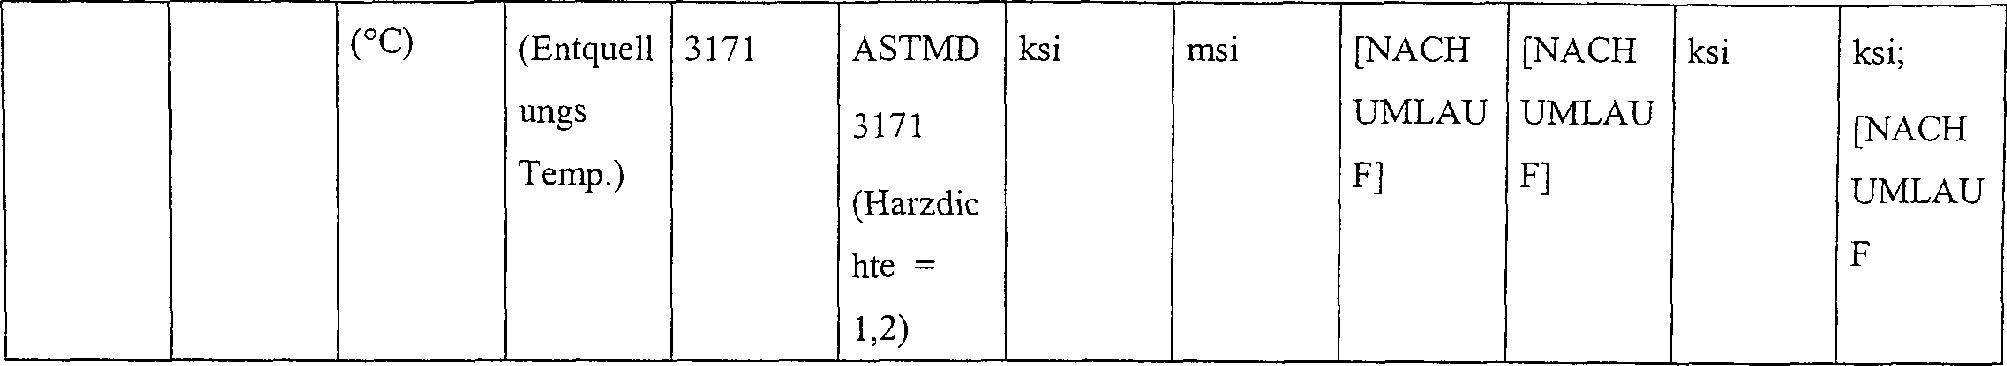 Niedlich Umfang Wort Probleme Einer Tabelle 4Klasse Ideen ...